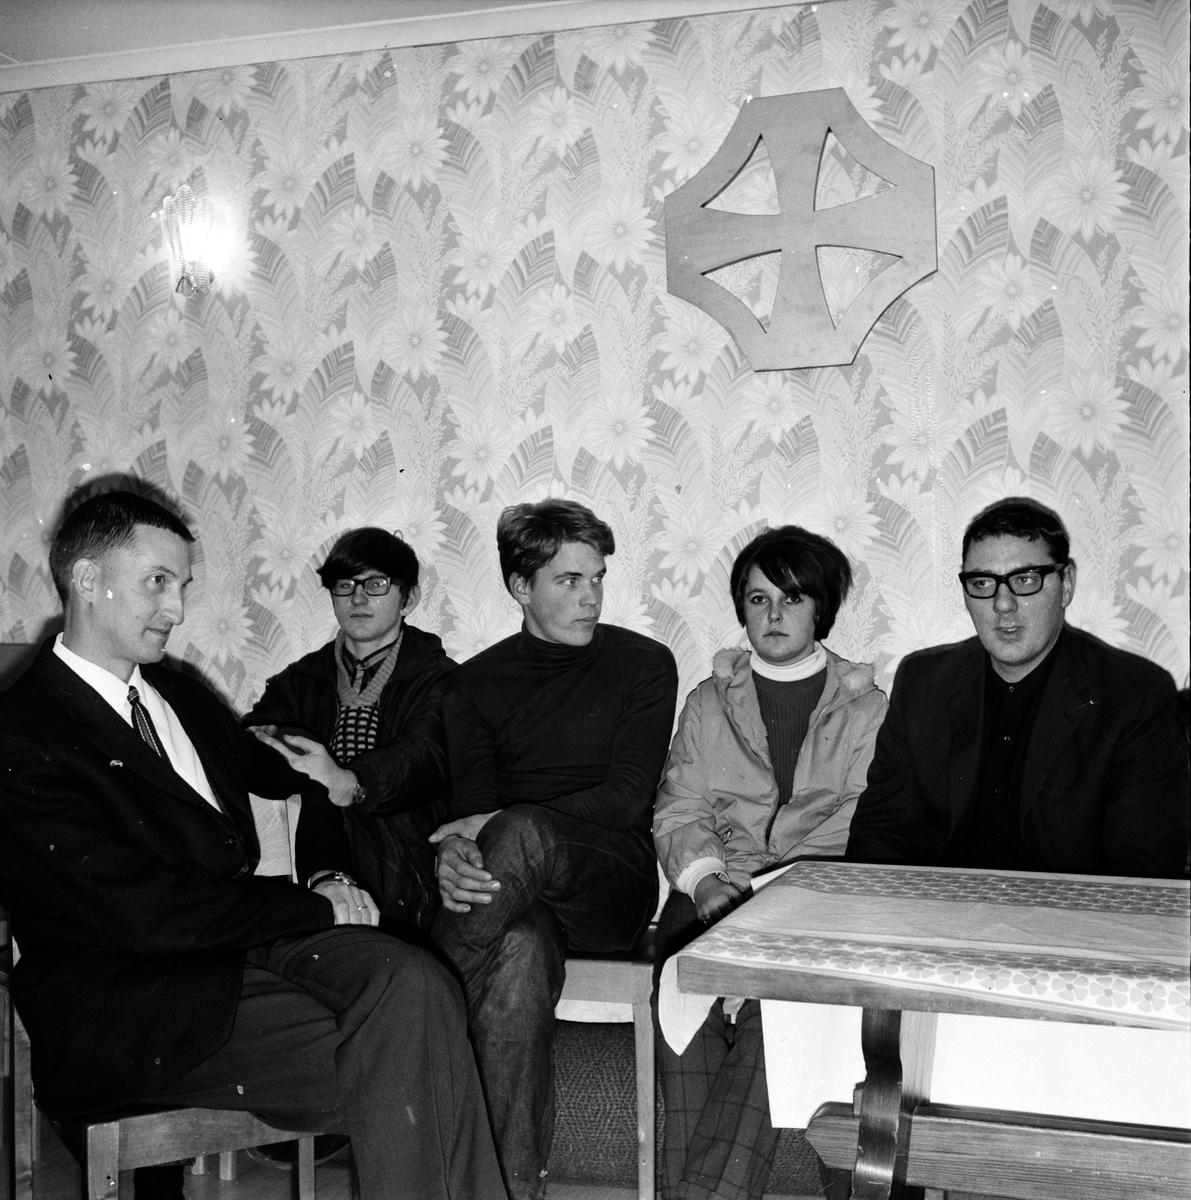 Arbrå, Tonårsträff, Missionskyrkan, 23 Oktober 1967